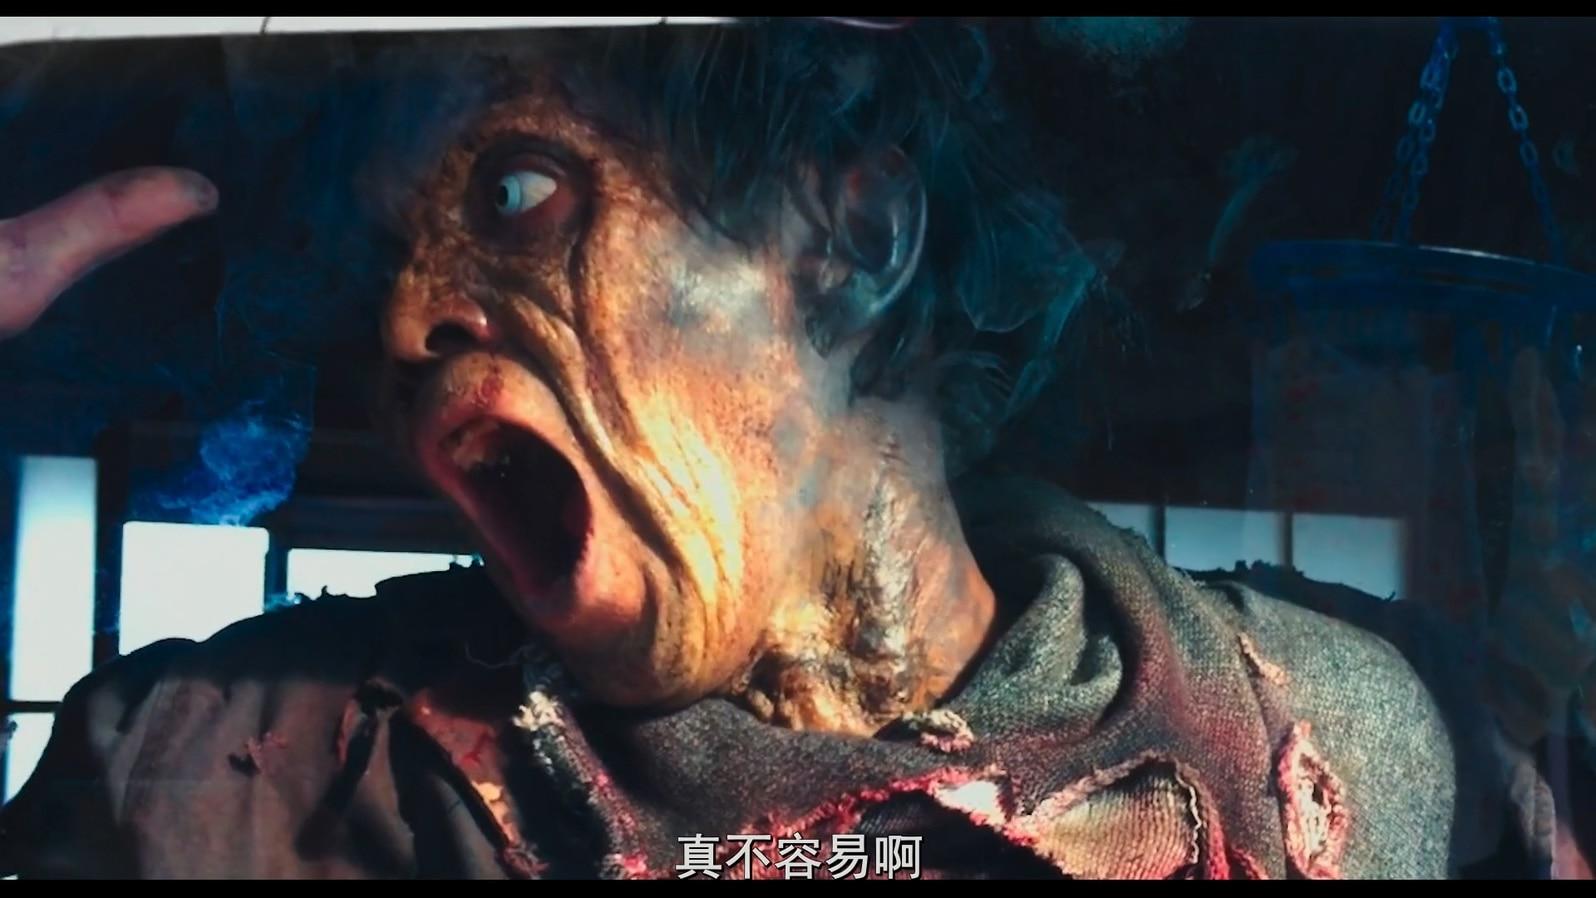 《喔我的僵尸》2016日本恐怖喜剧.BD720P&BD1080P.日语中字截图;jsessionid=Mz-eK-In5osxu0AjH4zAEyqxwkcUpPPi0IP1AhGt